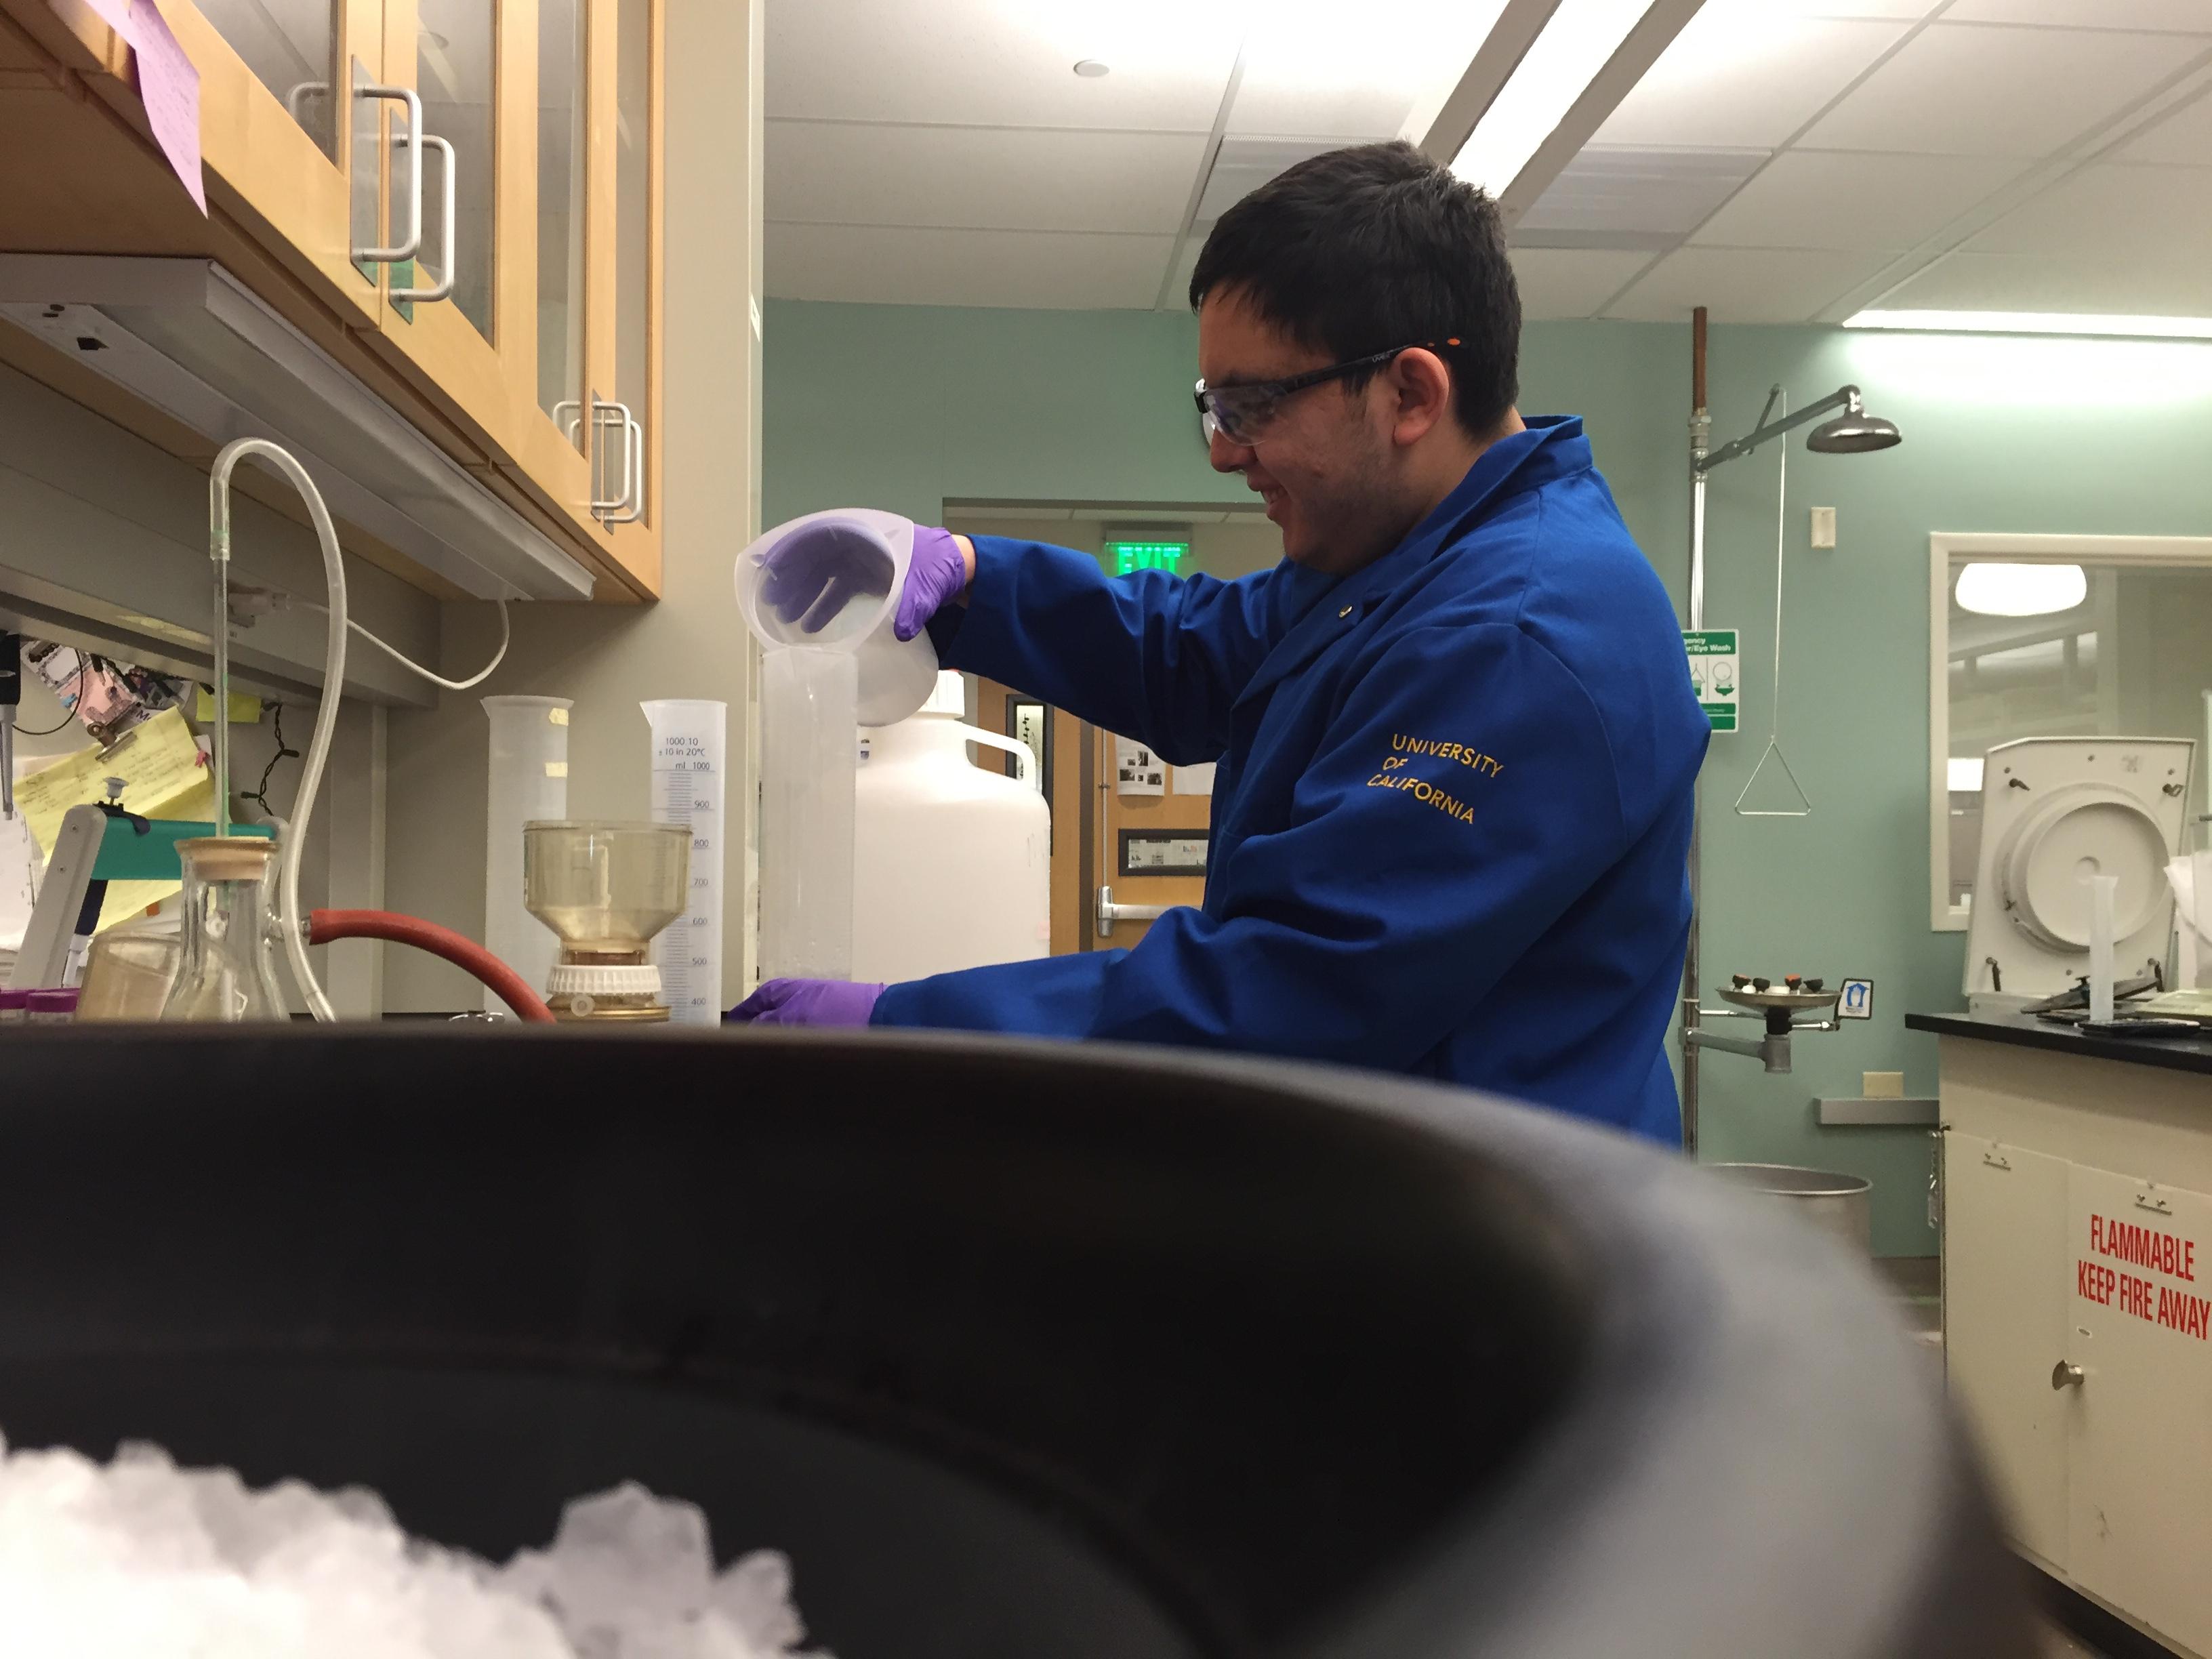 Partch lab image